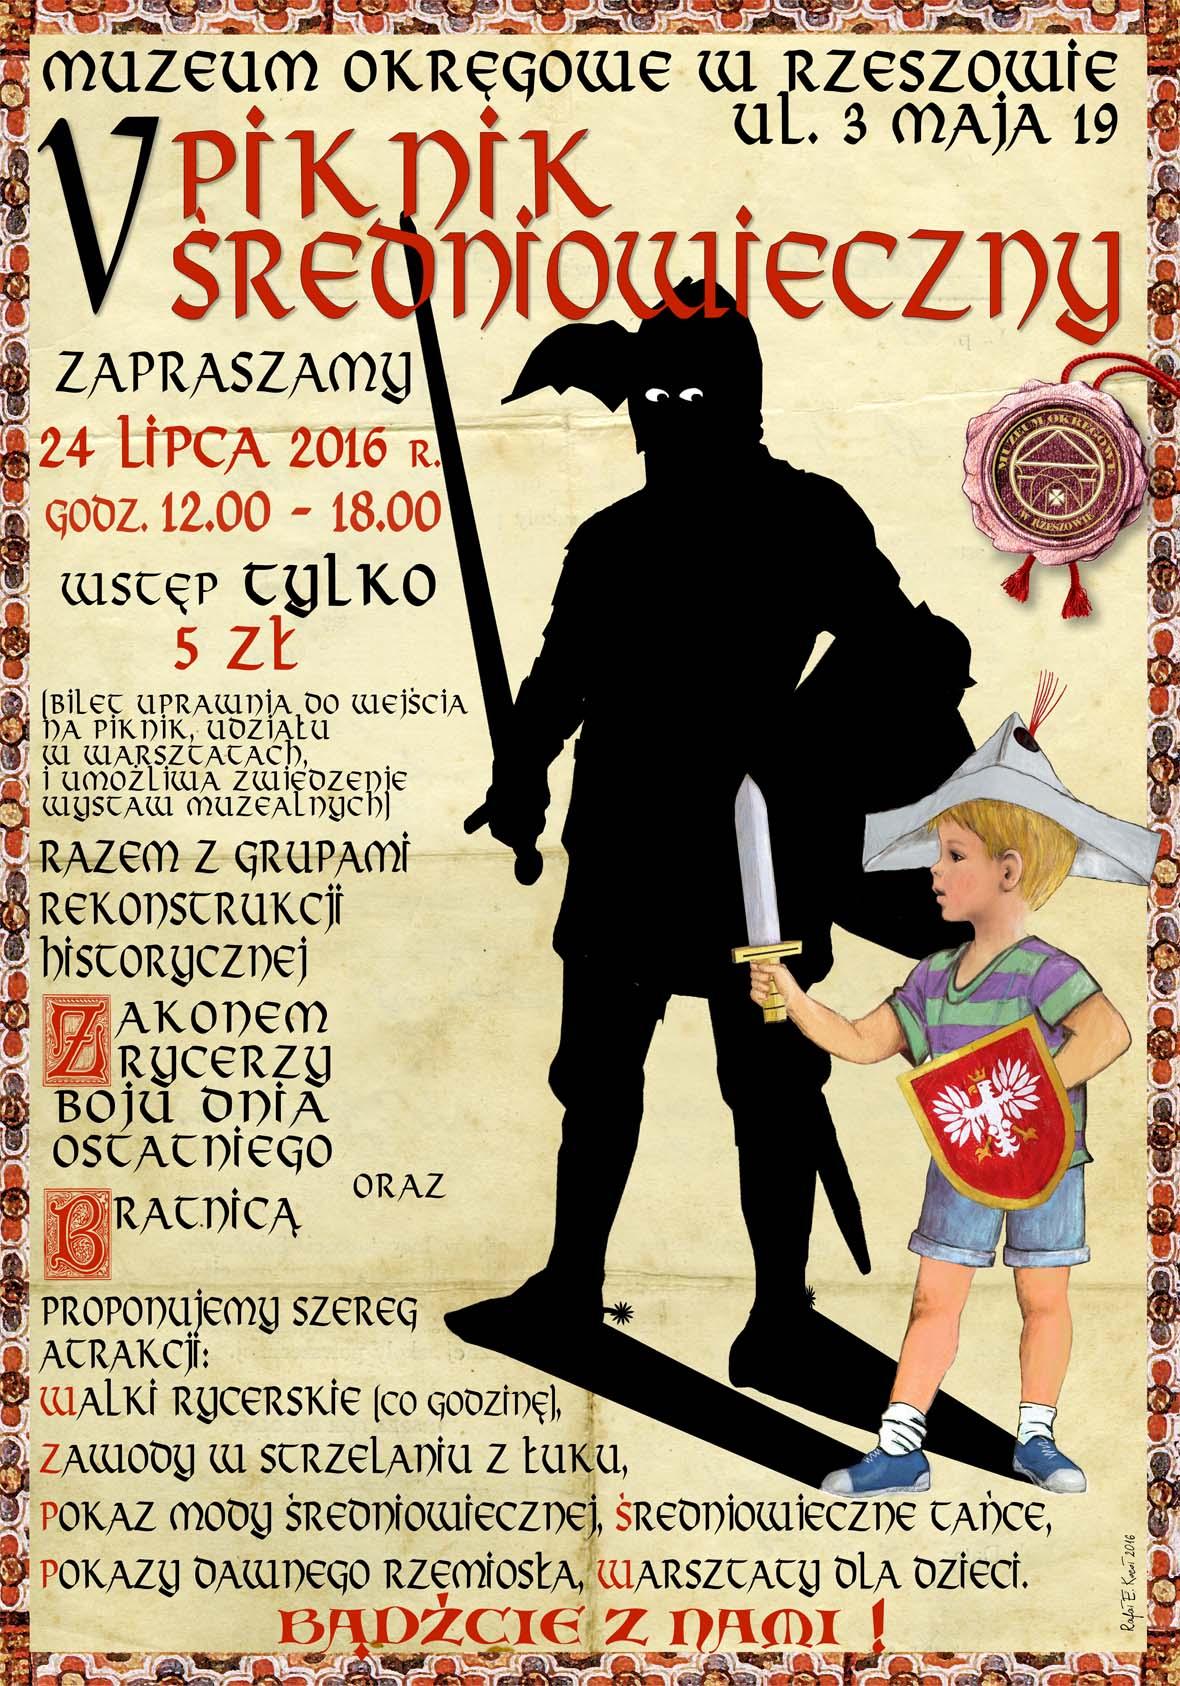 piknik średniowiecze plakat 2016